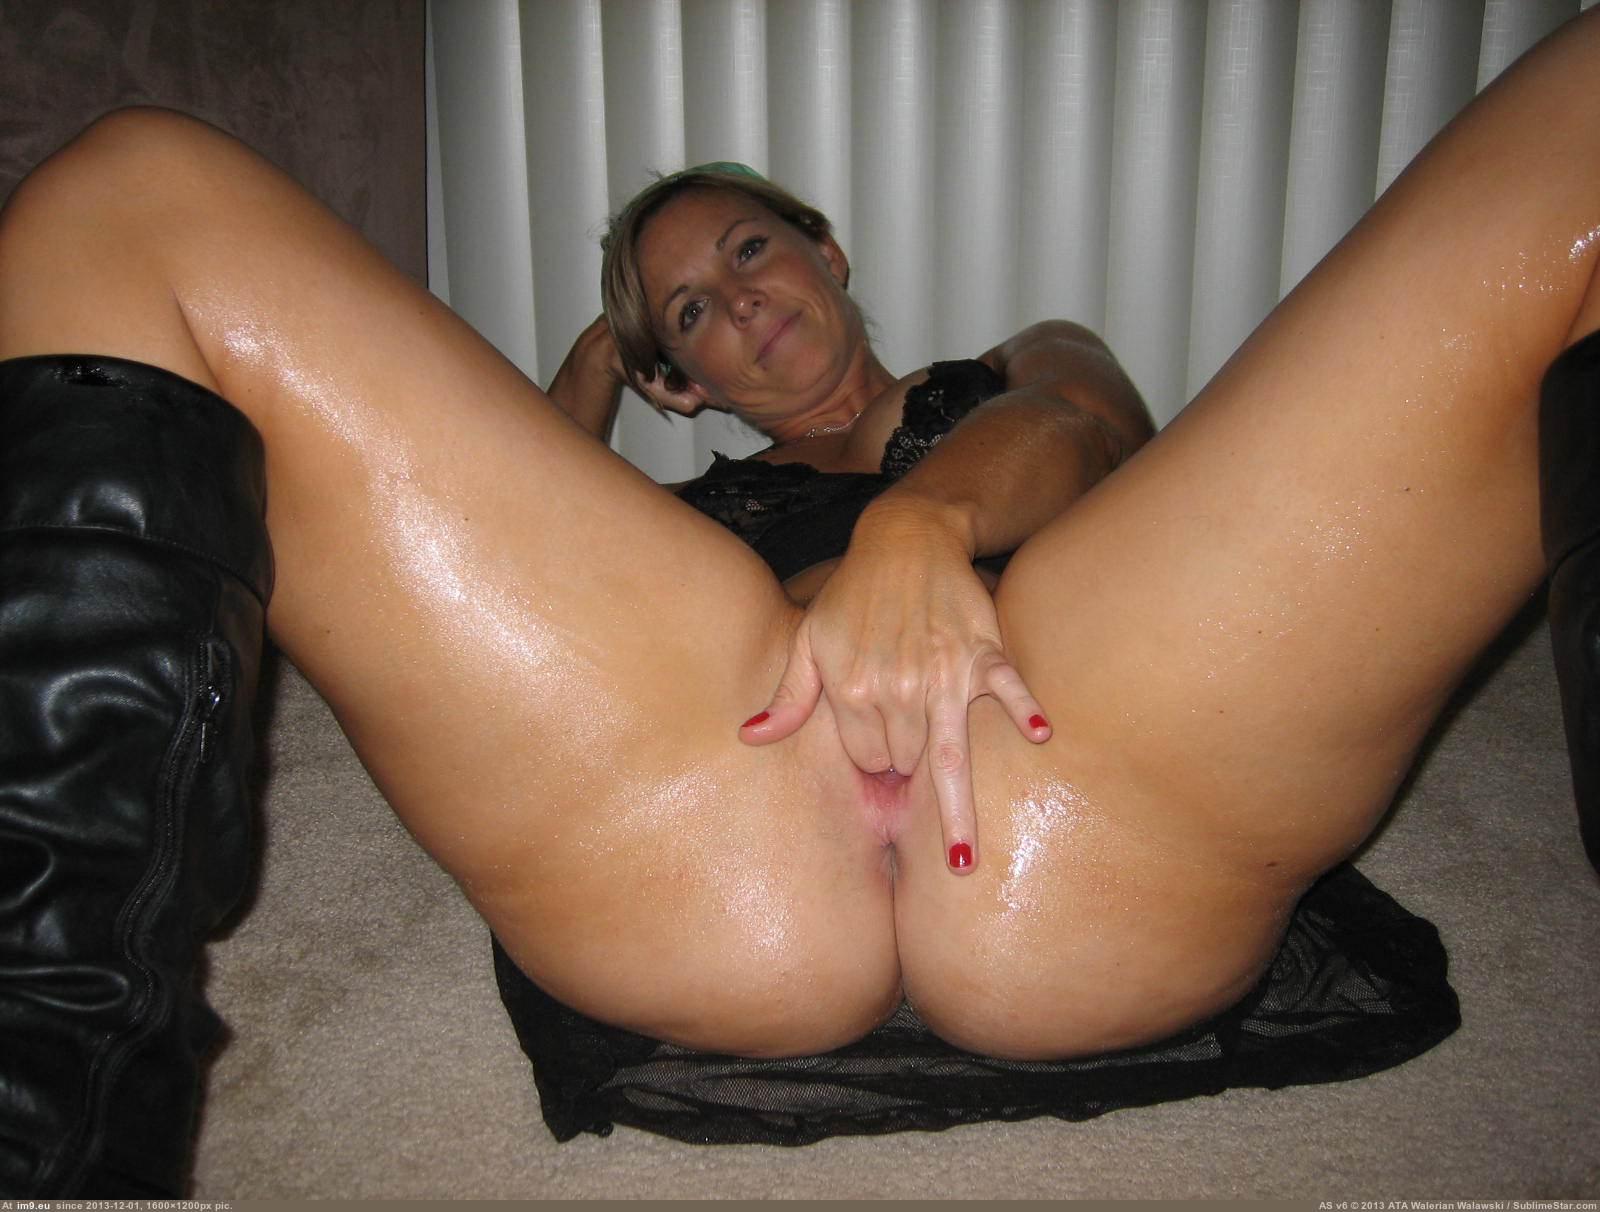 Секс для 55летней женщины 11 фотография